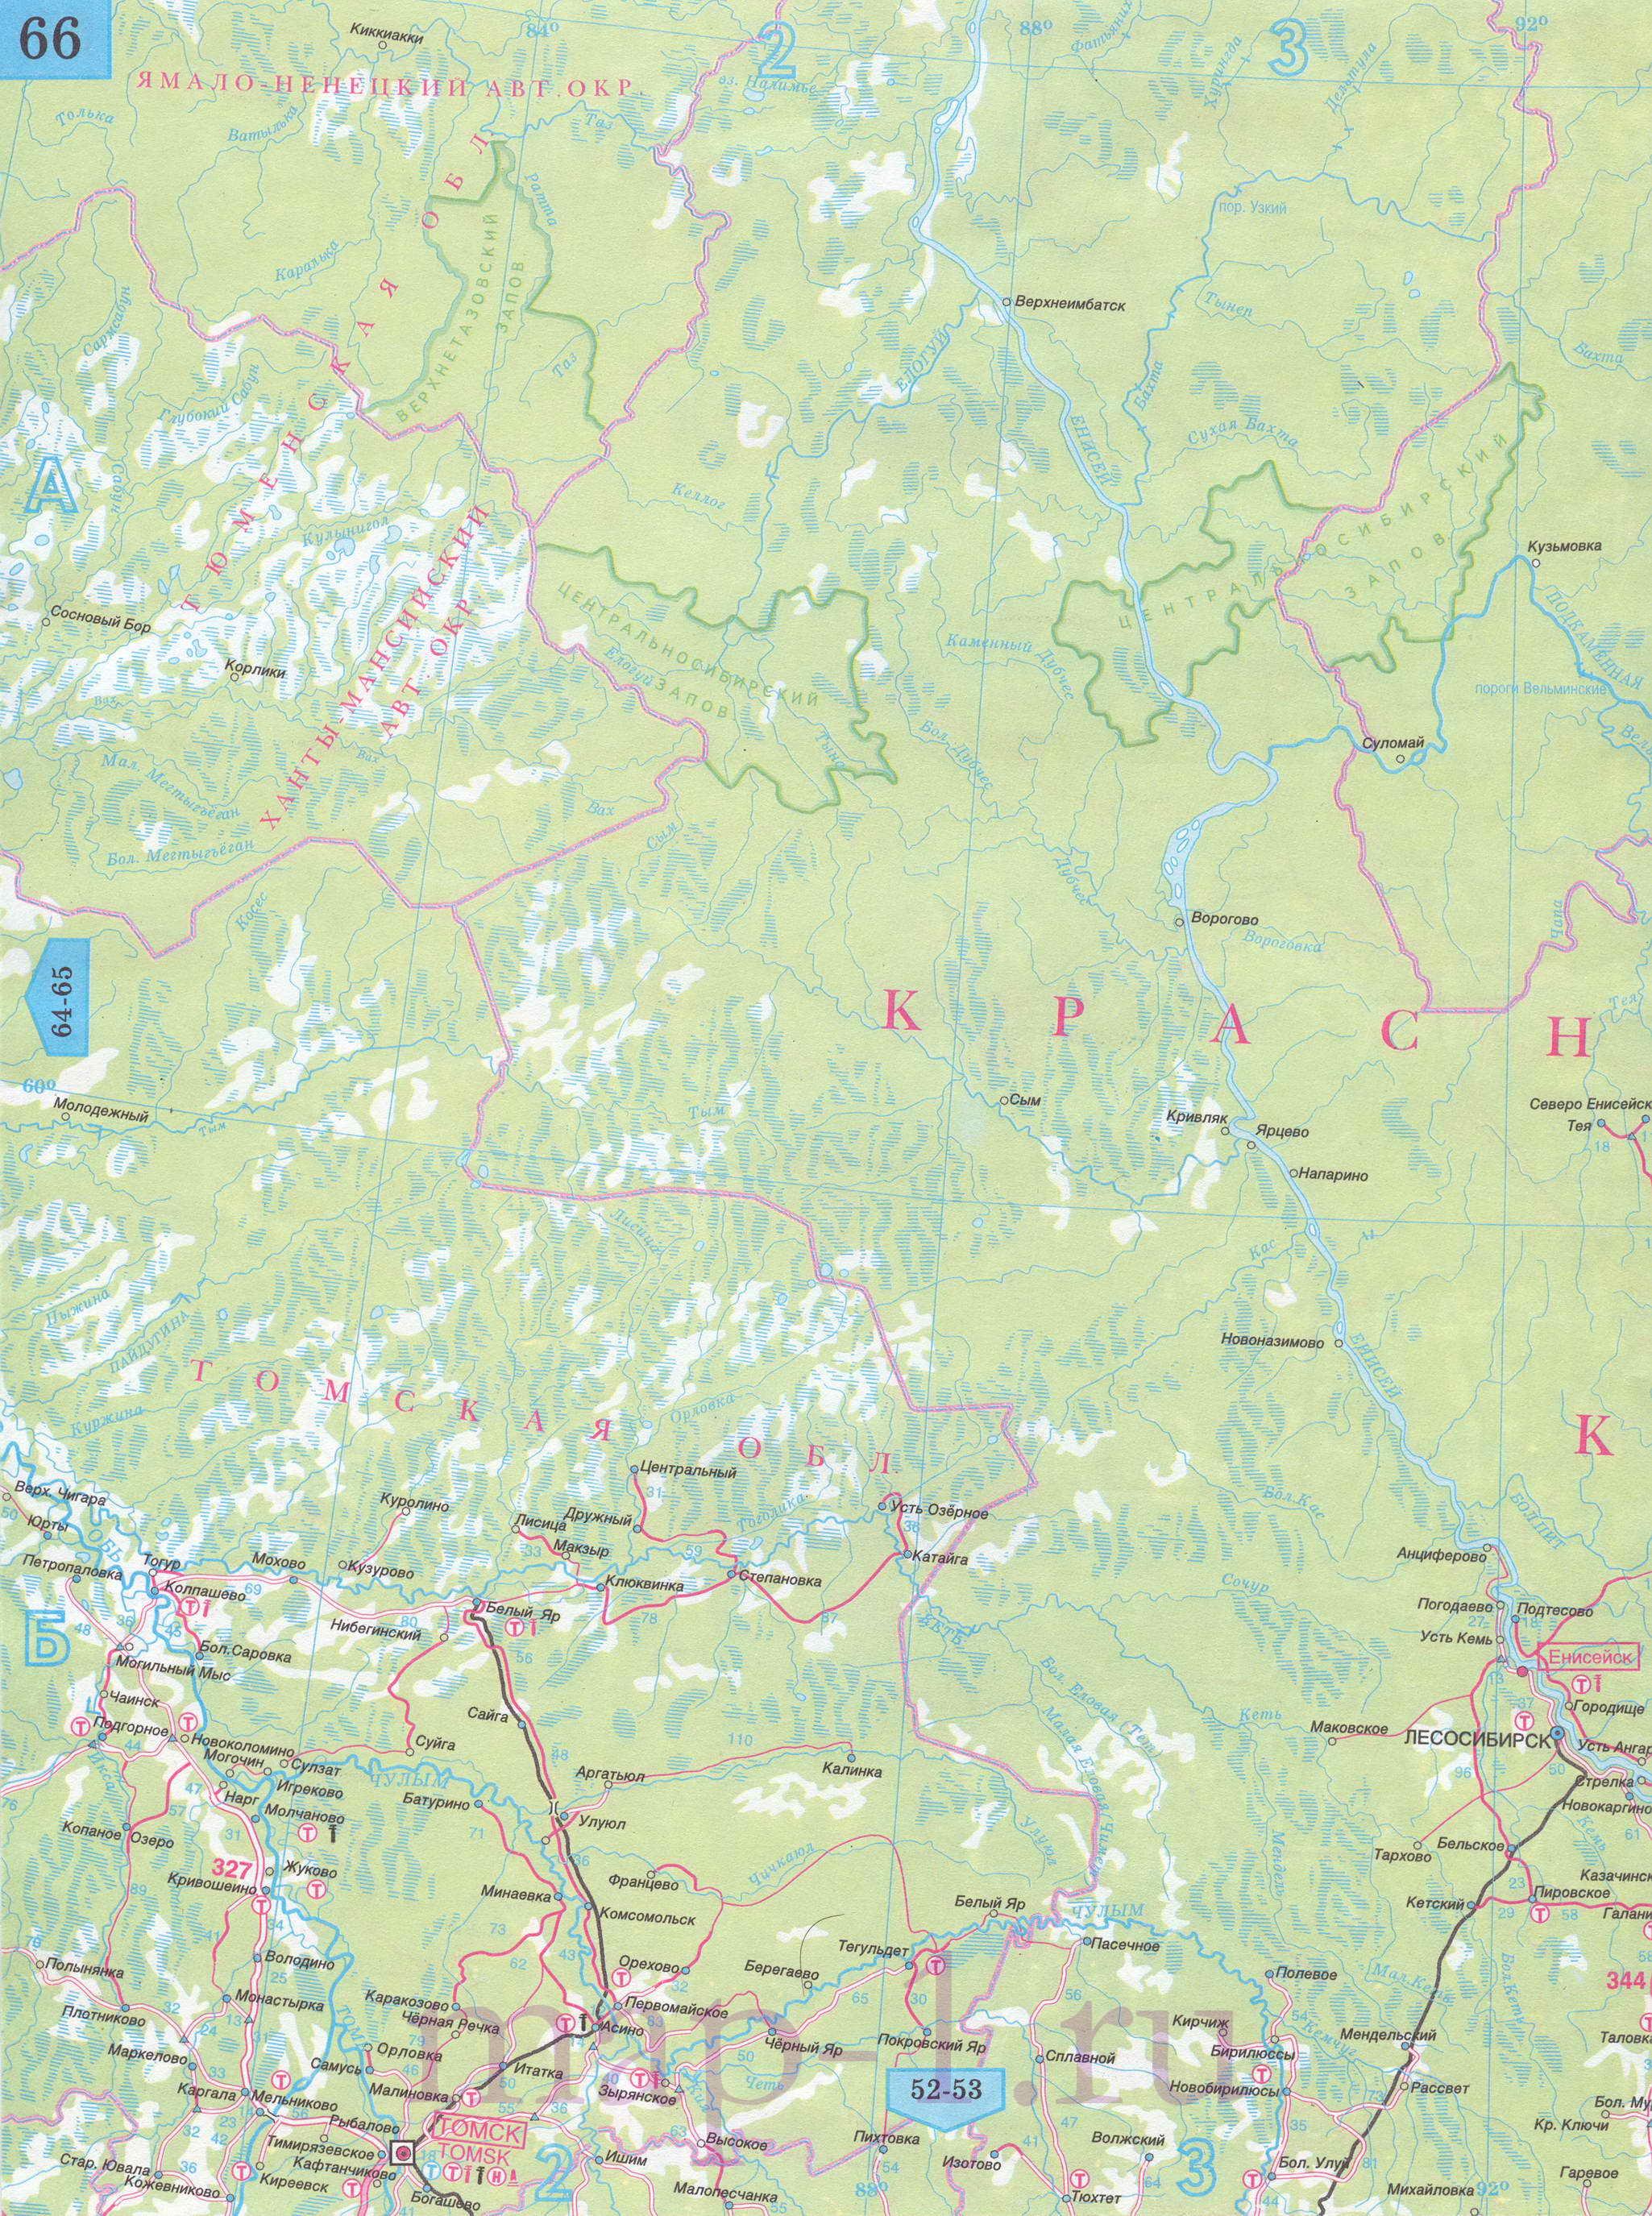 Карта Красноярского края автомобильная.  Подробная карта дорог - Красноярский край, масштаб 1см:30км.